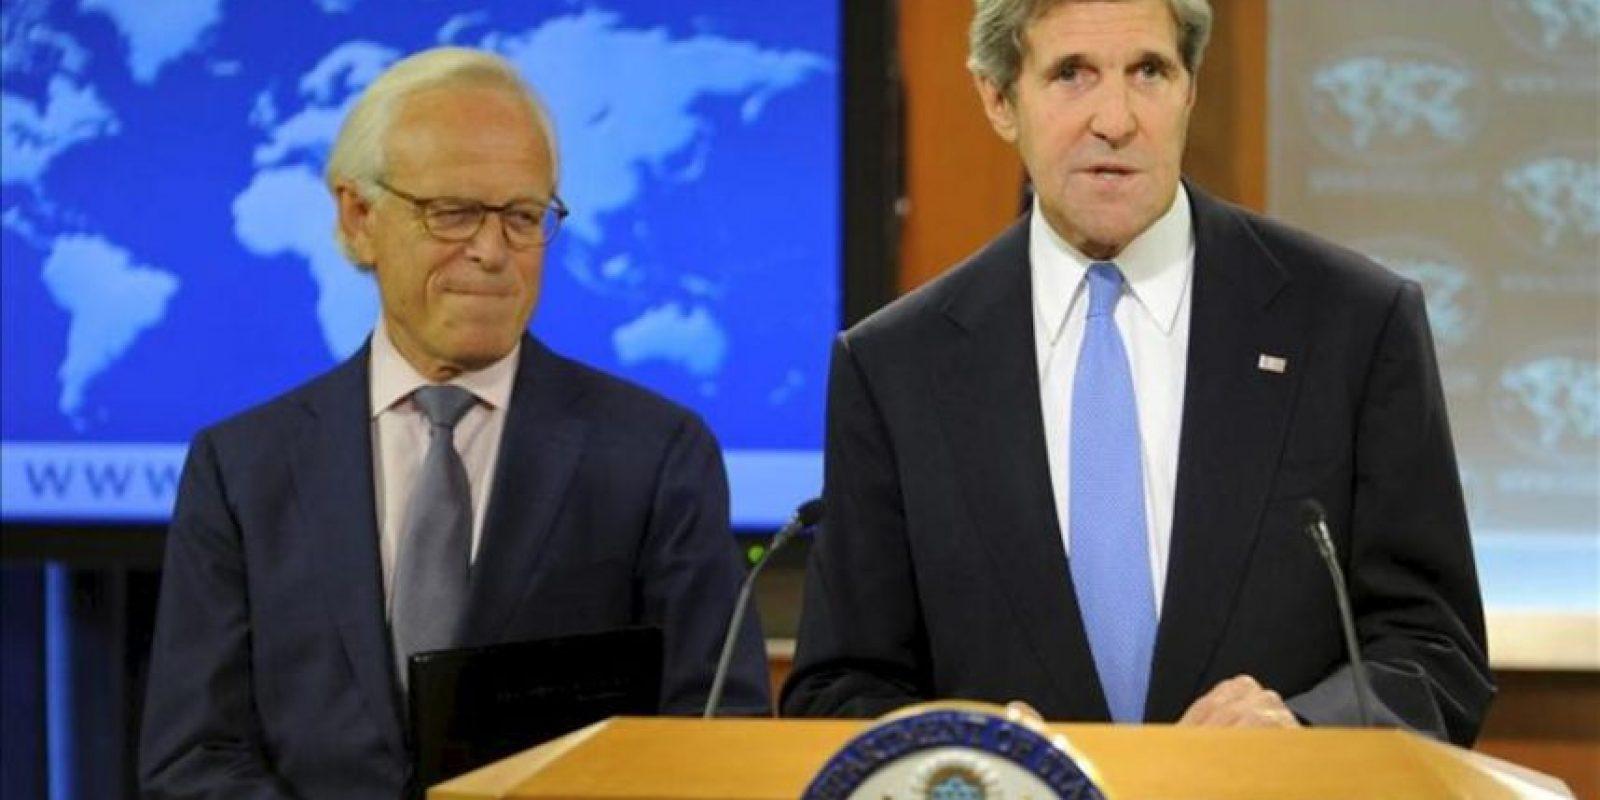 El secretario de Estado de EE.UU., John Kerry (d), fue registrado en Washington DC al anunciar la reanudación de las negociaciones de paz entre Israel y Palestina, que serán encabezadas por el exembajador estadounidense en Israel Martin Indyk (i), EE.UU. EFE